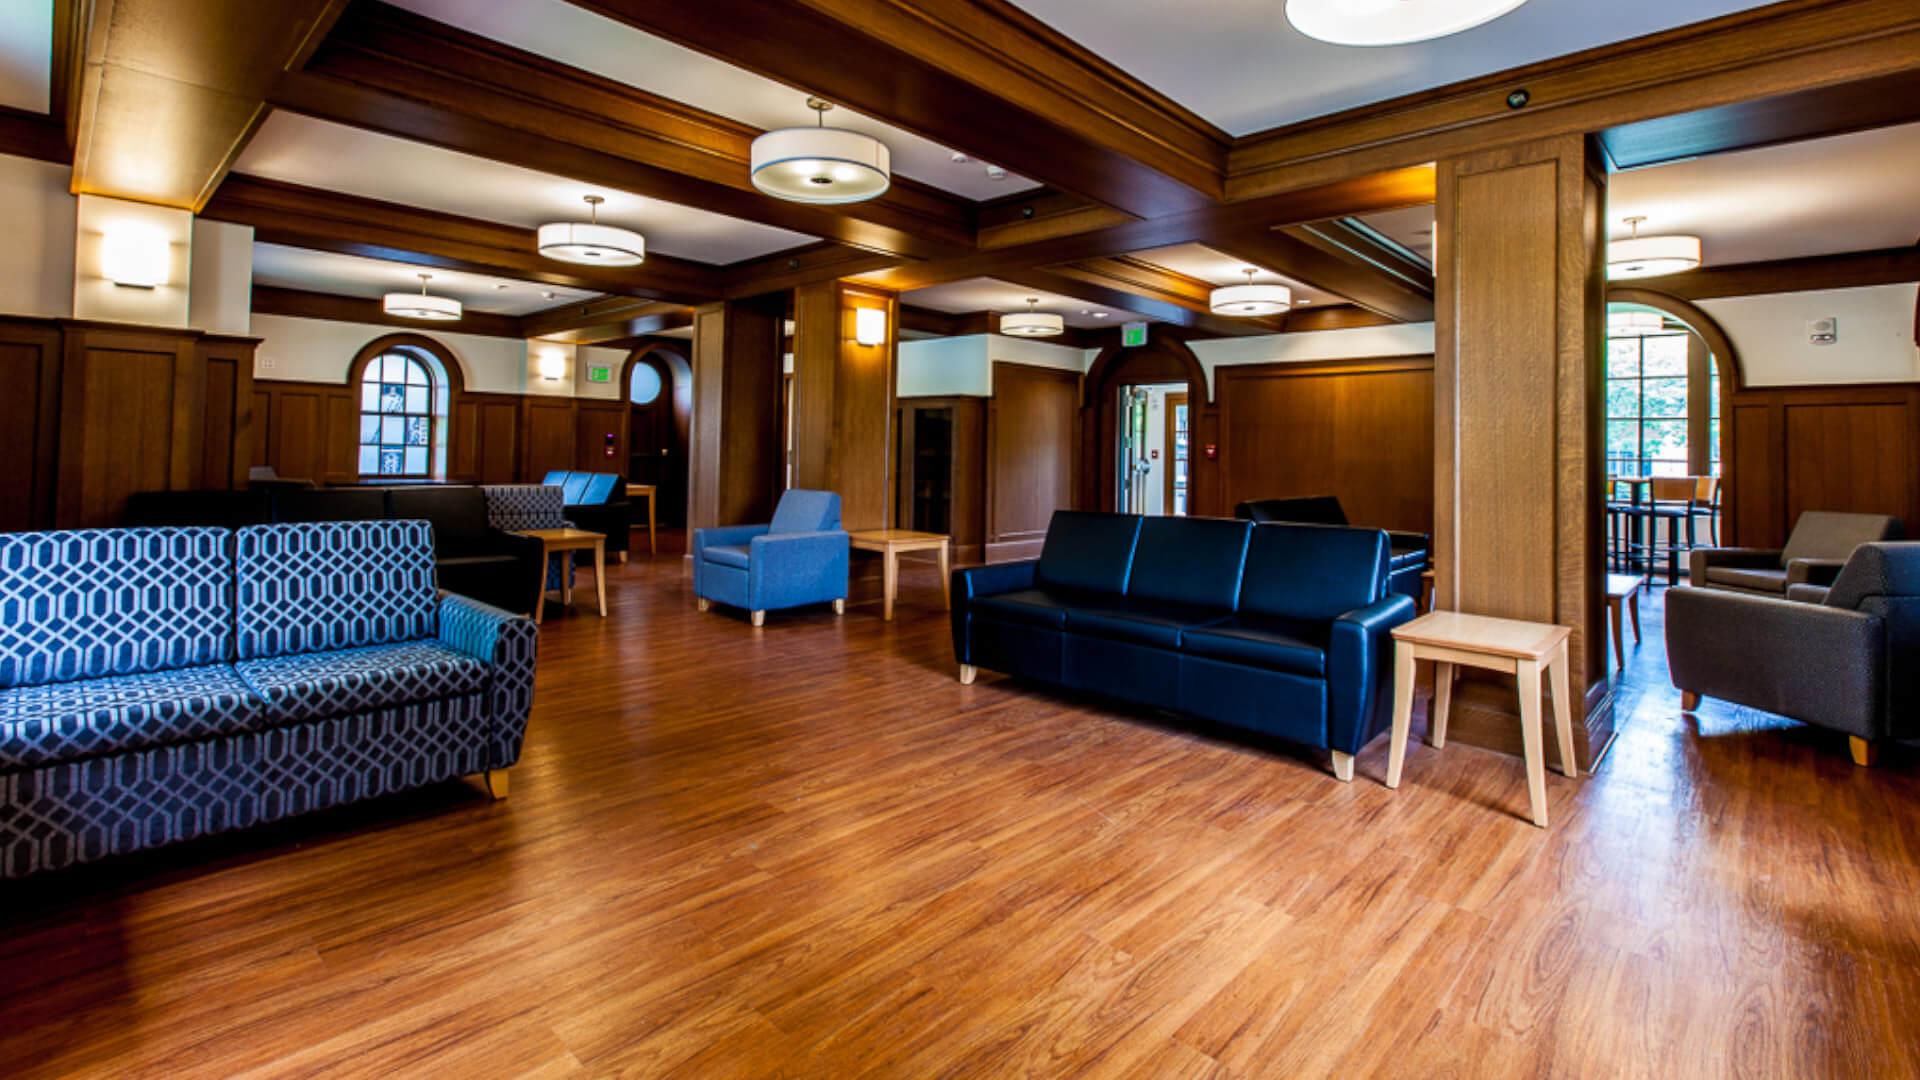 Northwestern University - Phi Gamma Delta Renovation